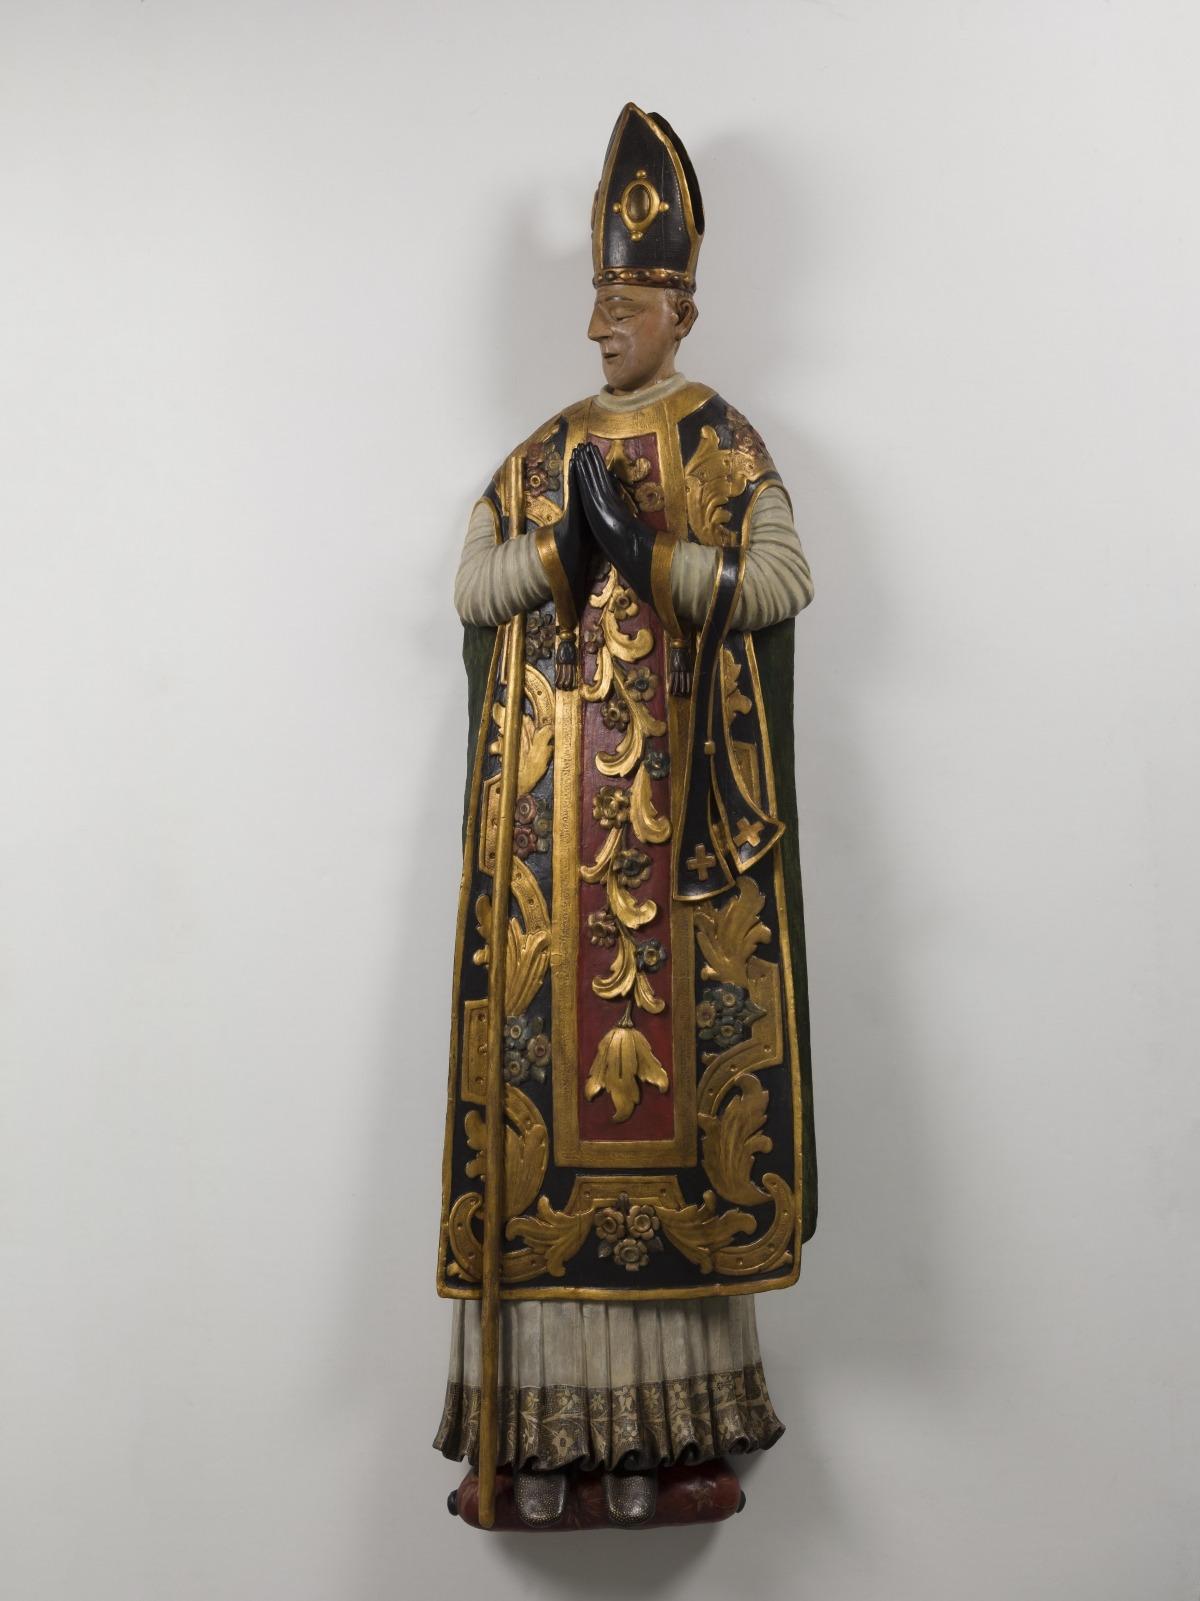 Cenotafi que coronava la tomba del bisbe a l'església de la Companyia de Maria, que avui es conserva, restaurat, al Diocesà.